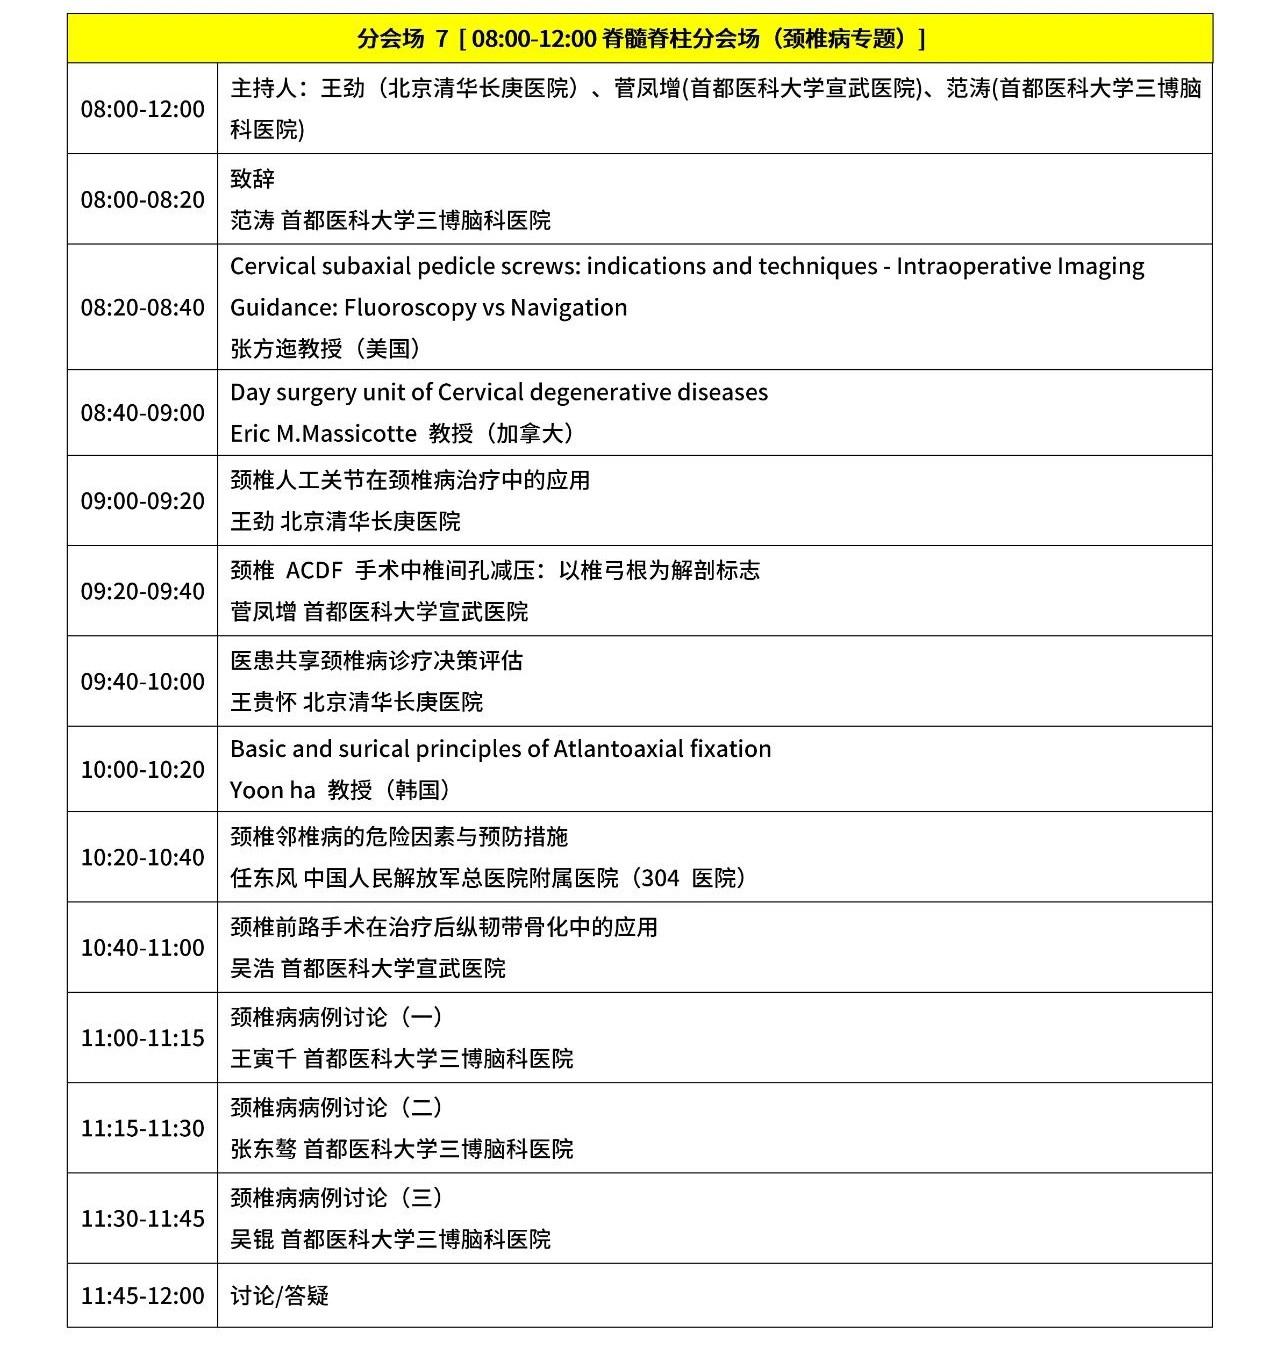 第十三届三博神经科学论坛(第二轮通知)